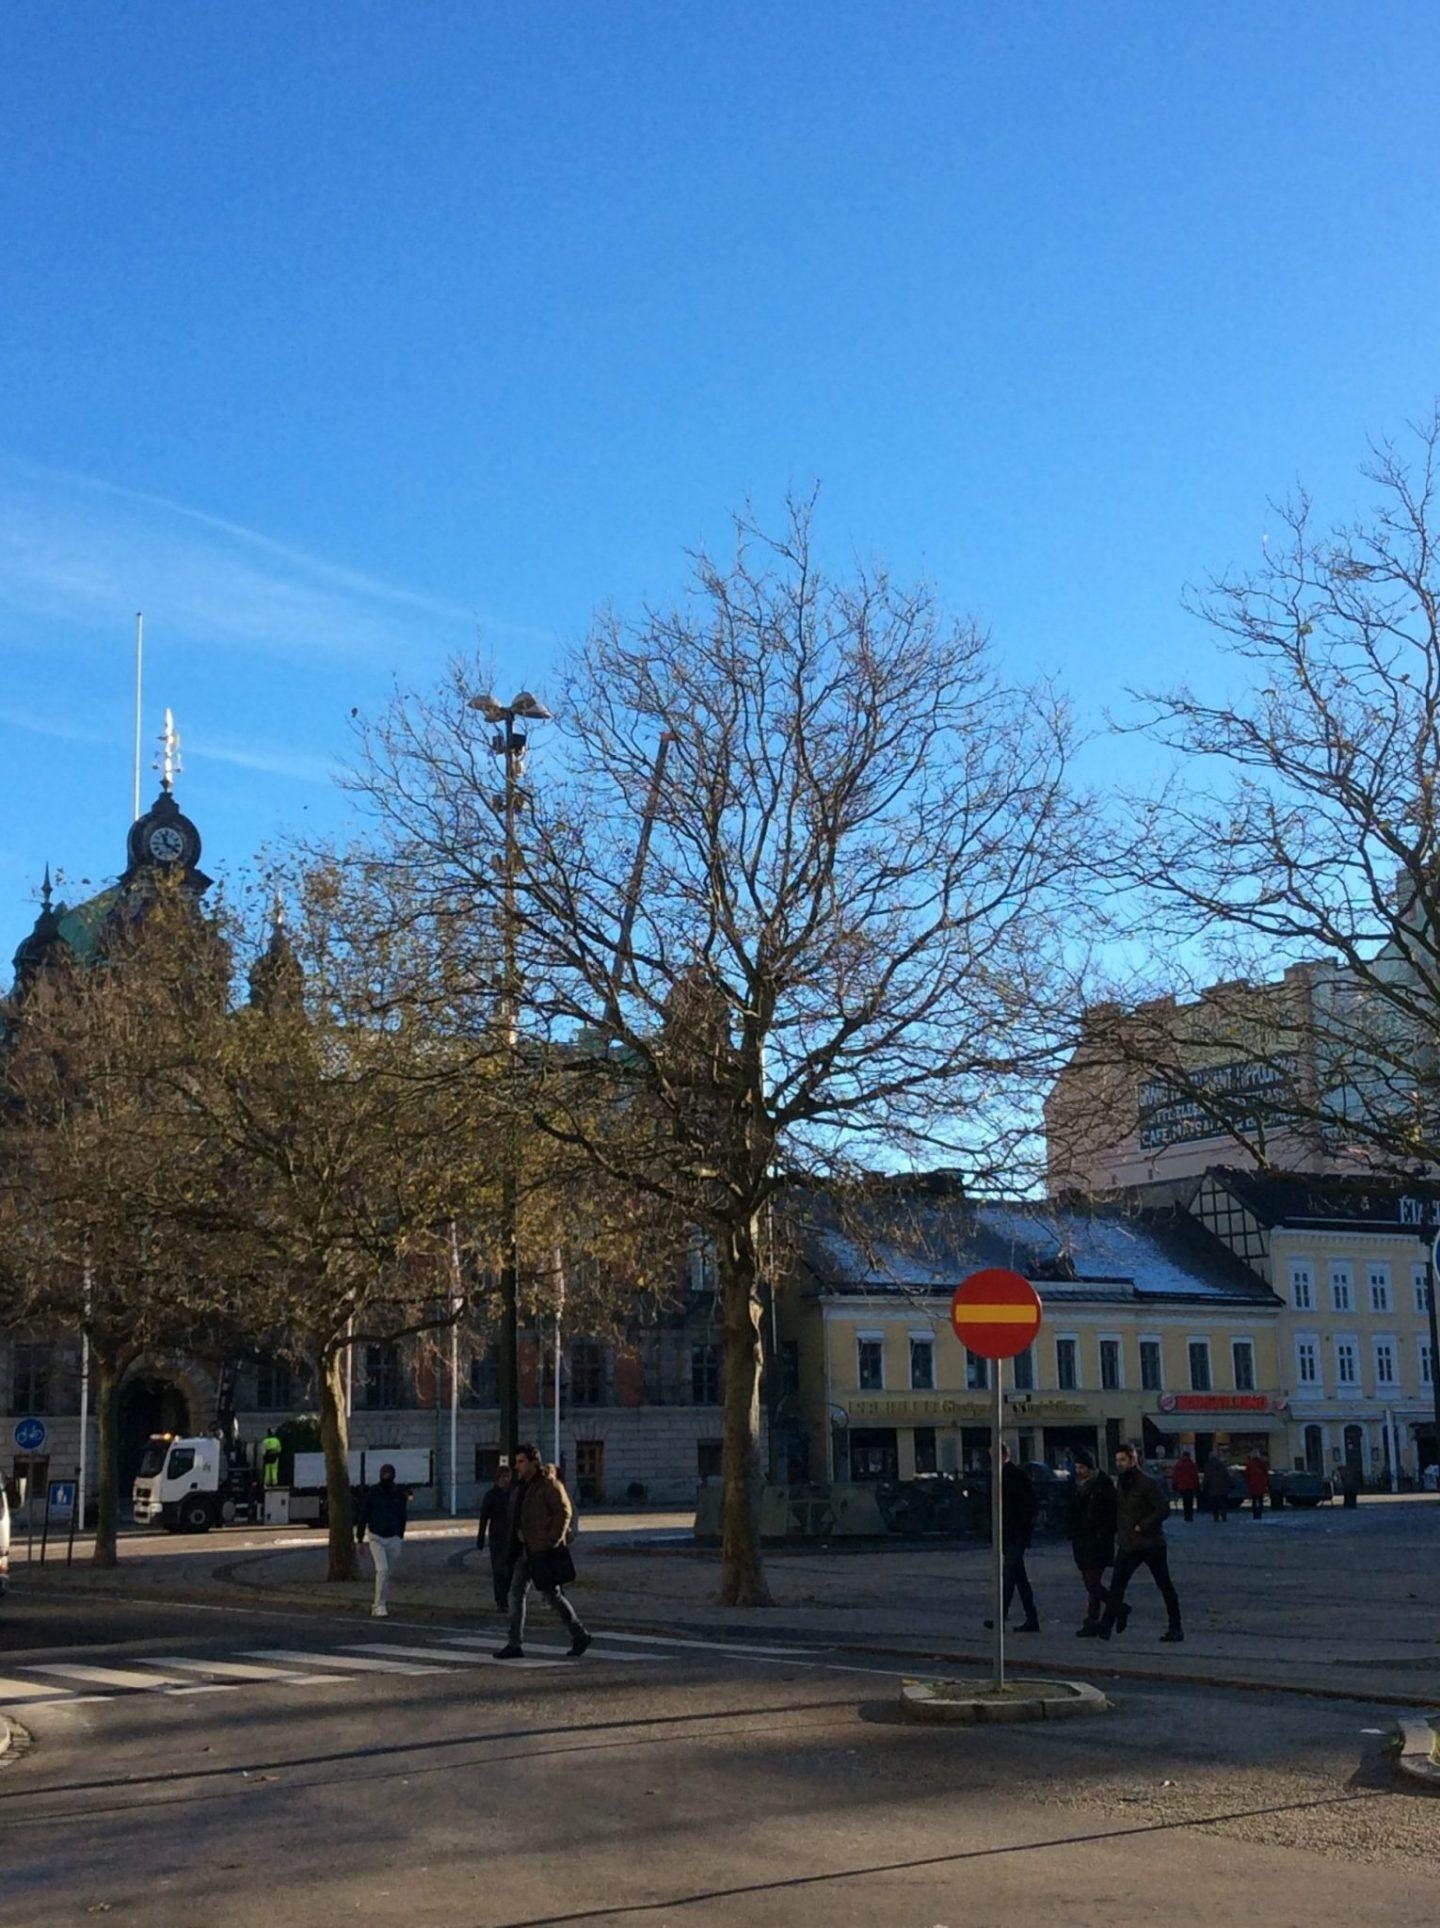 IMG 0118 1440x1928 - Malmö and the history